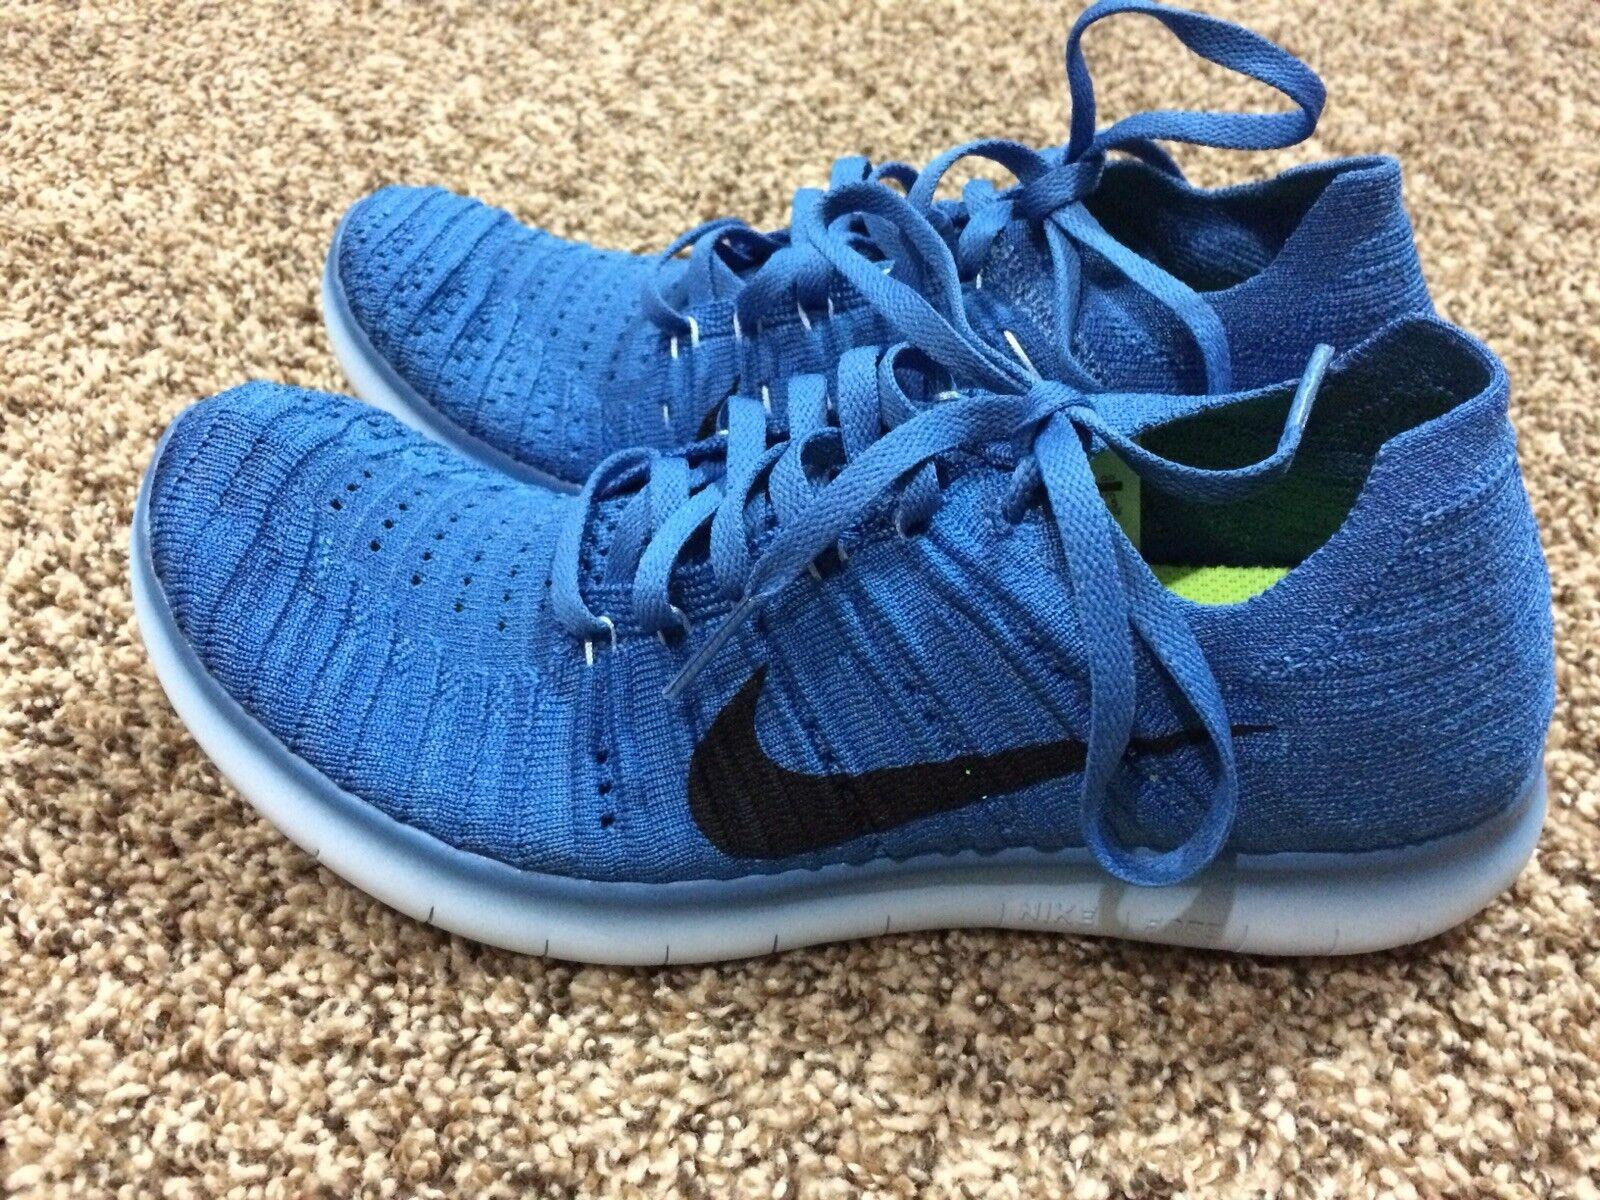 Nike libera rn flyknit donne scarpe da corsa 831070 402 misura 7,5